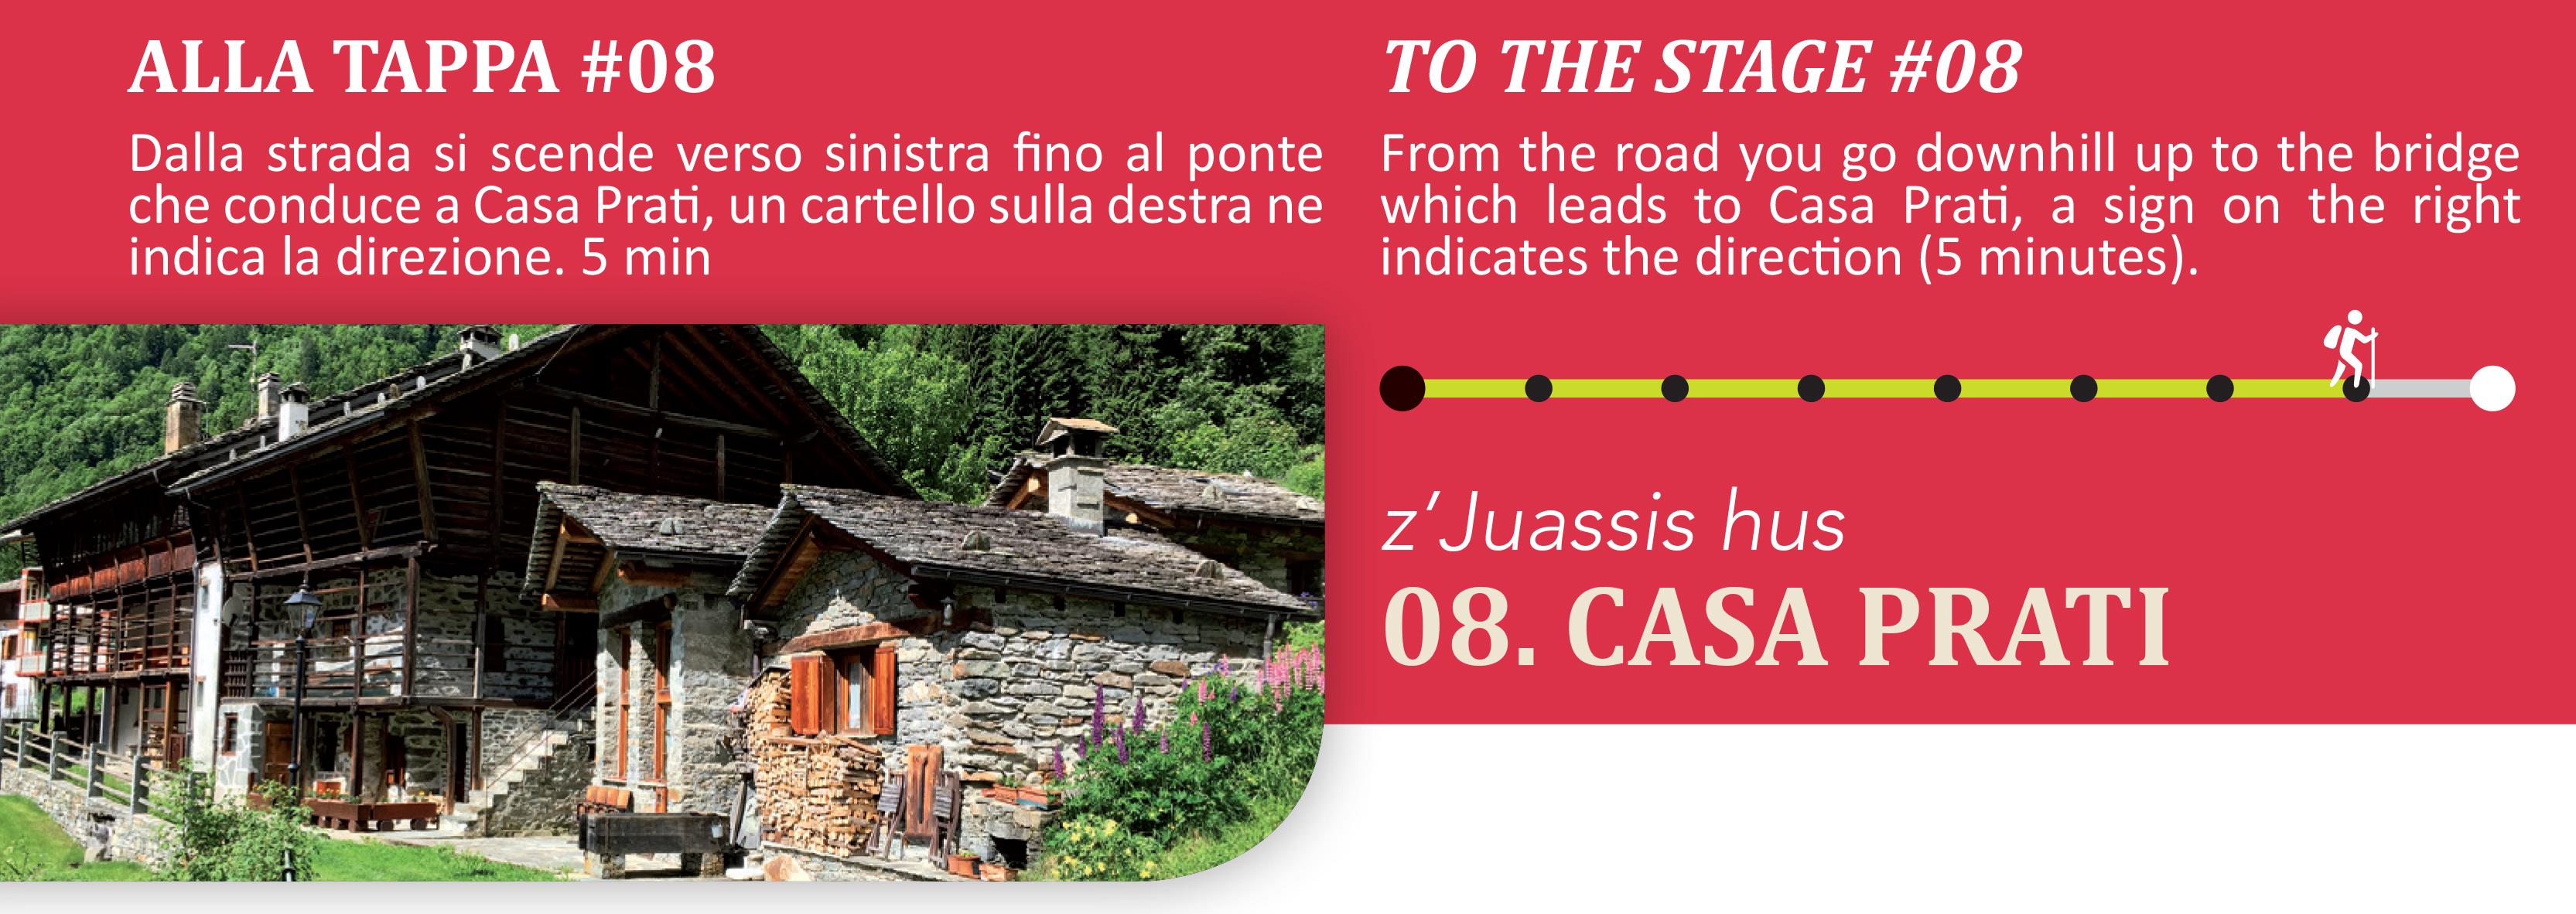 Casa Prati frazione alta di Alagna Valsesia